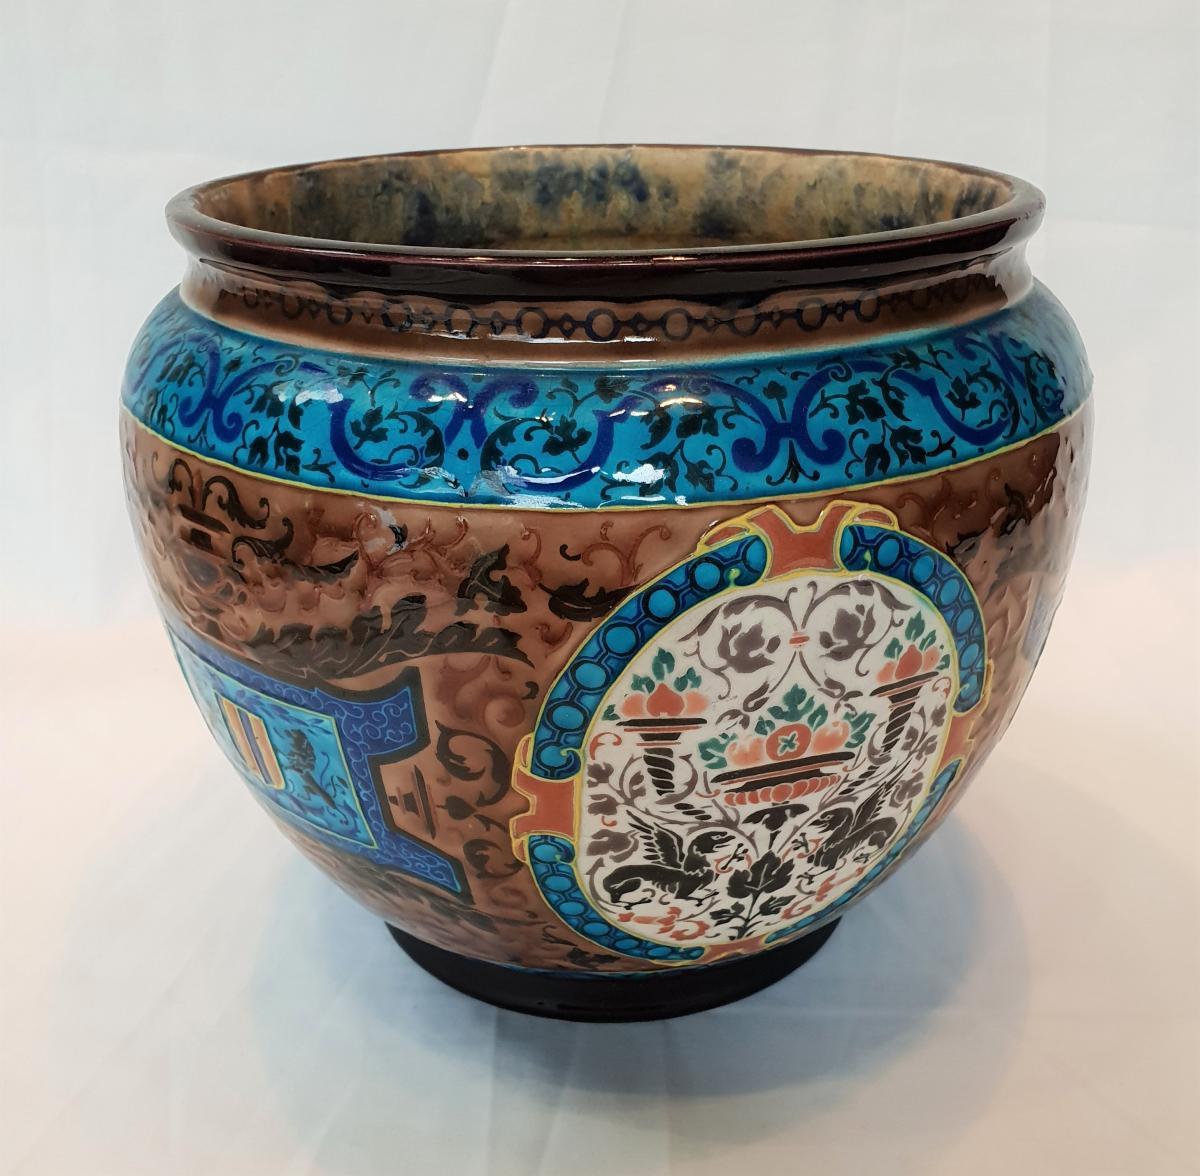 Cache Old Pot Bordeaux, Enamels Caranza 1880